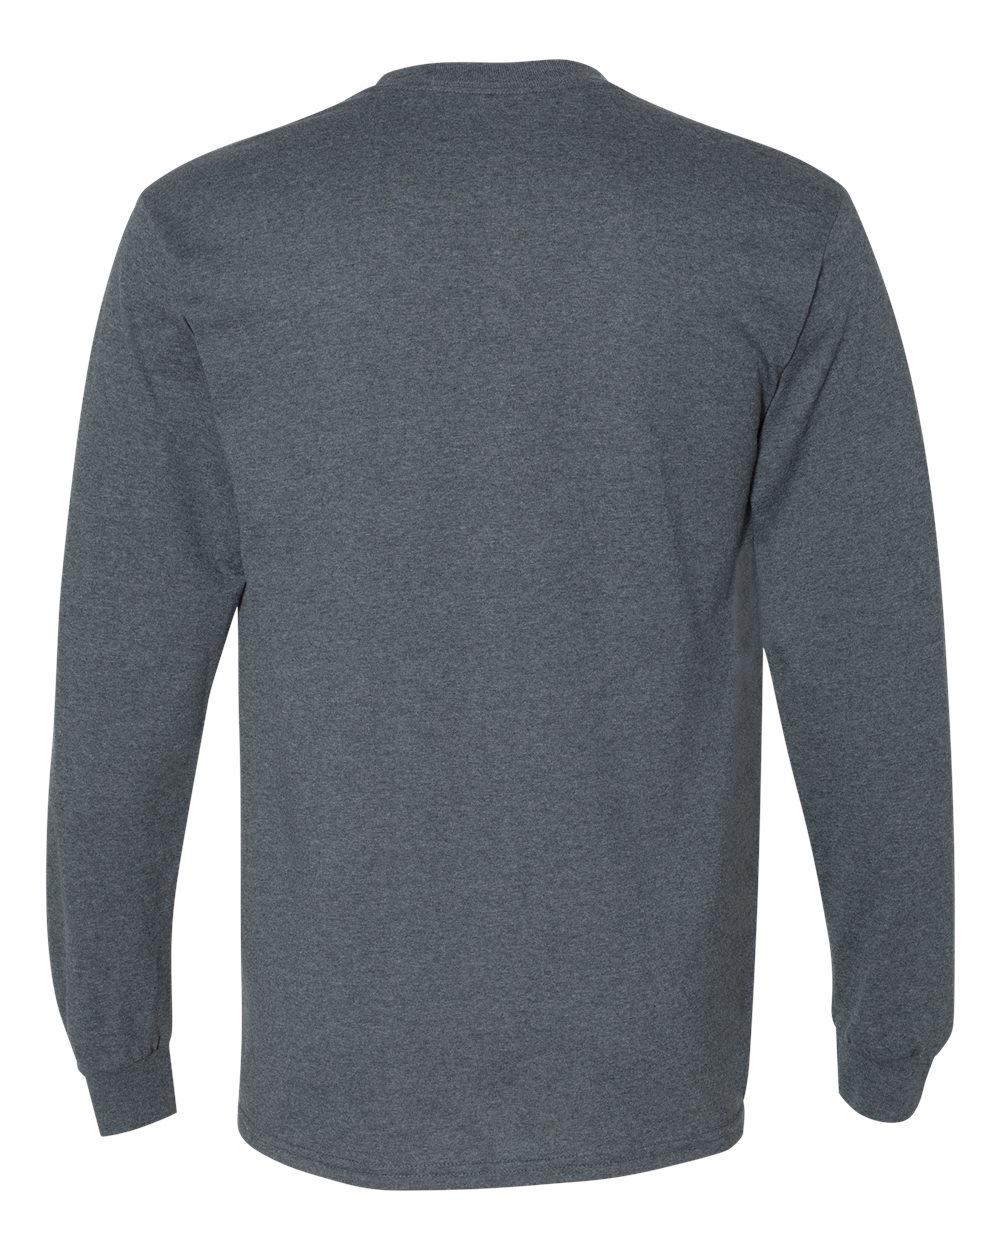 Gildan-Mens-Blank-DryBlend-50-50-Cotton-Long-Sleeve-T-Shirt-8400-up-to-3XL miniature 16